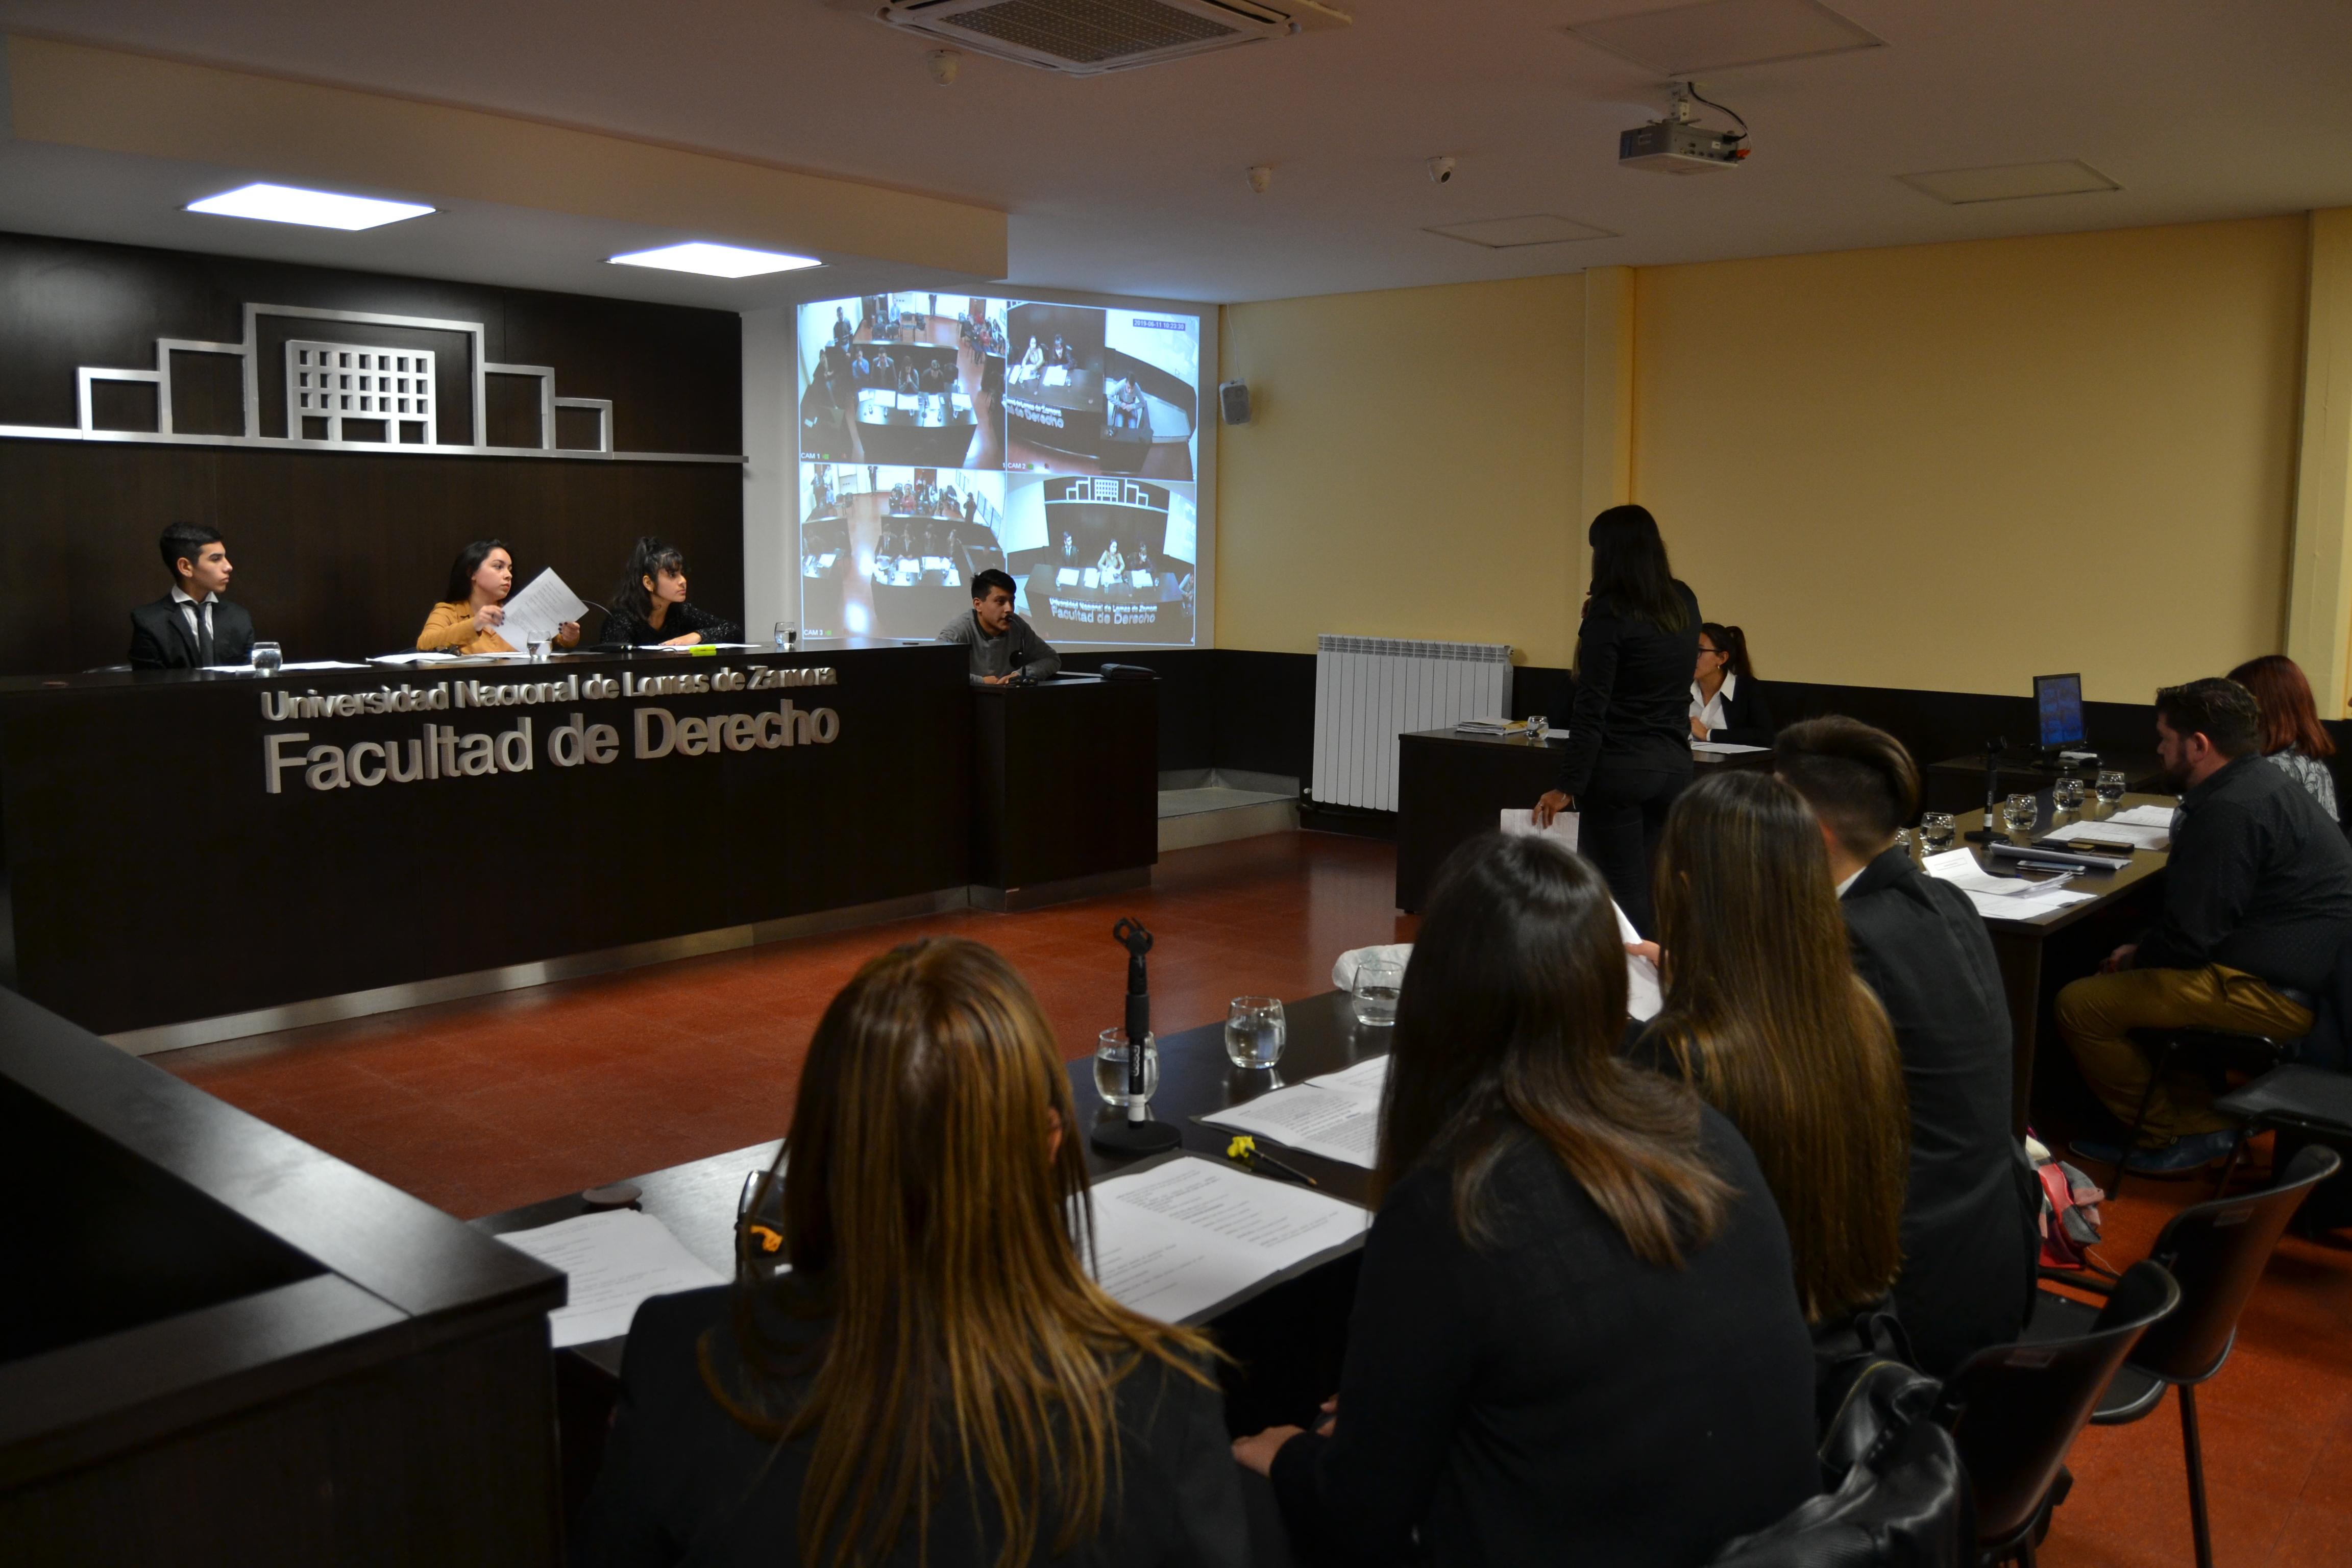 Juicio por Jurados en la Educación Secundaria